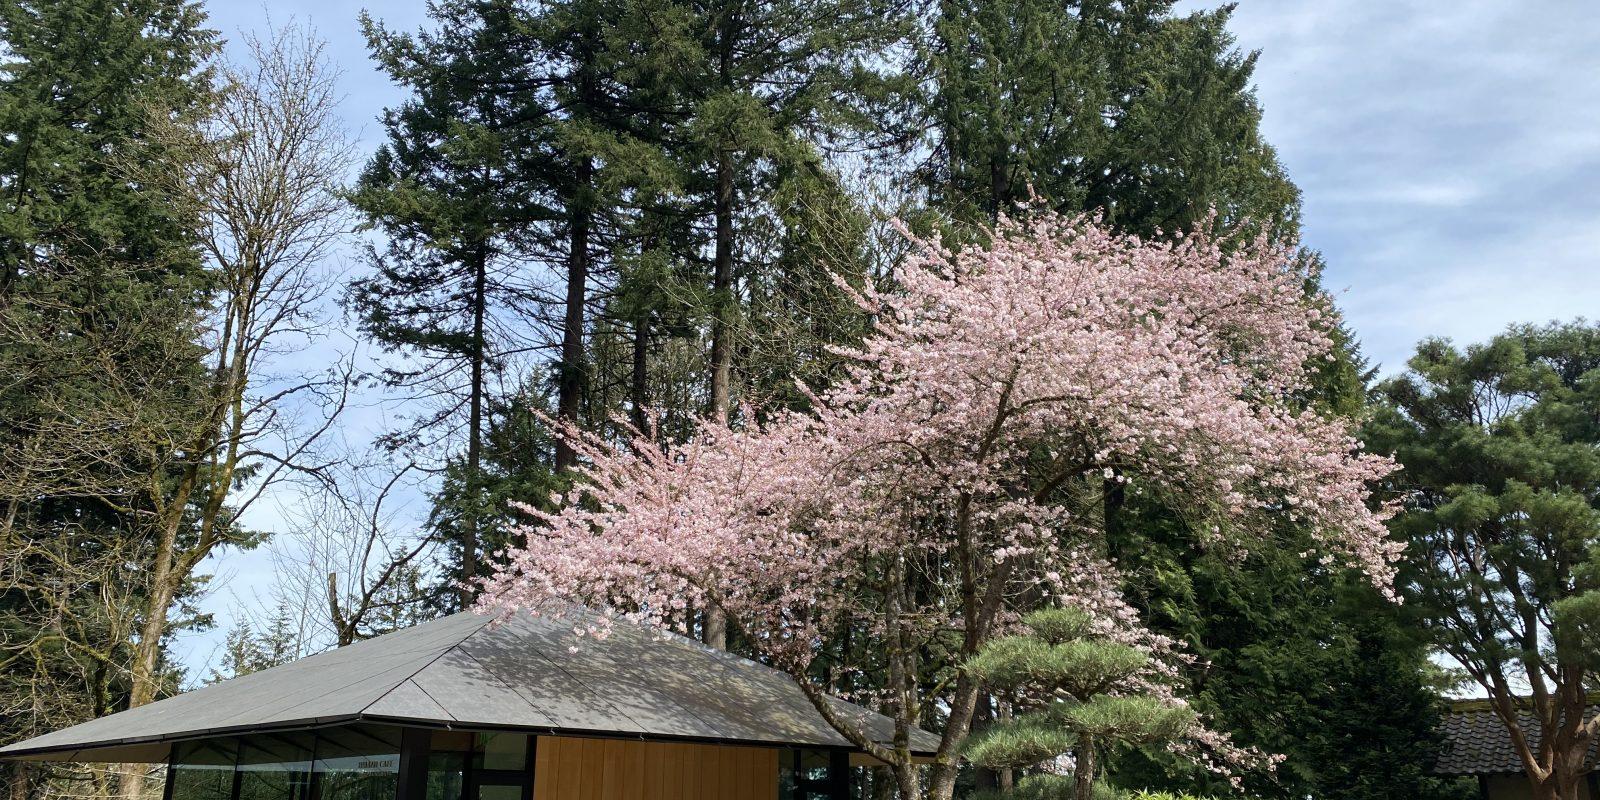 Photo Apr 02, 2 19 52 PM